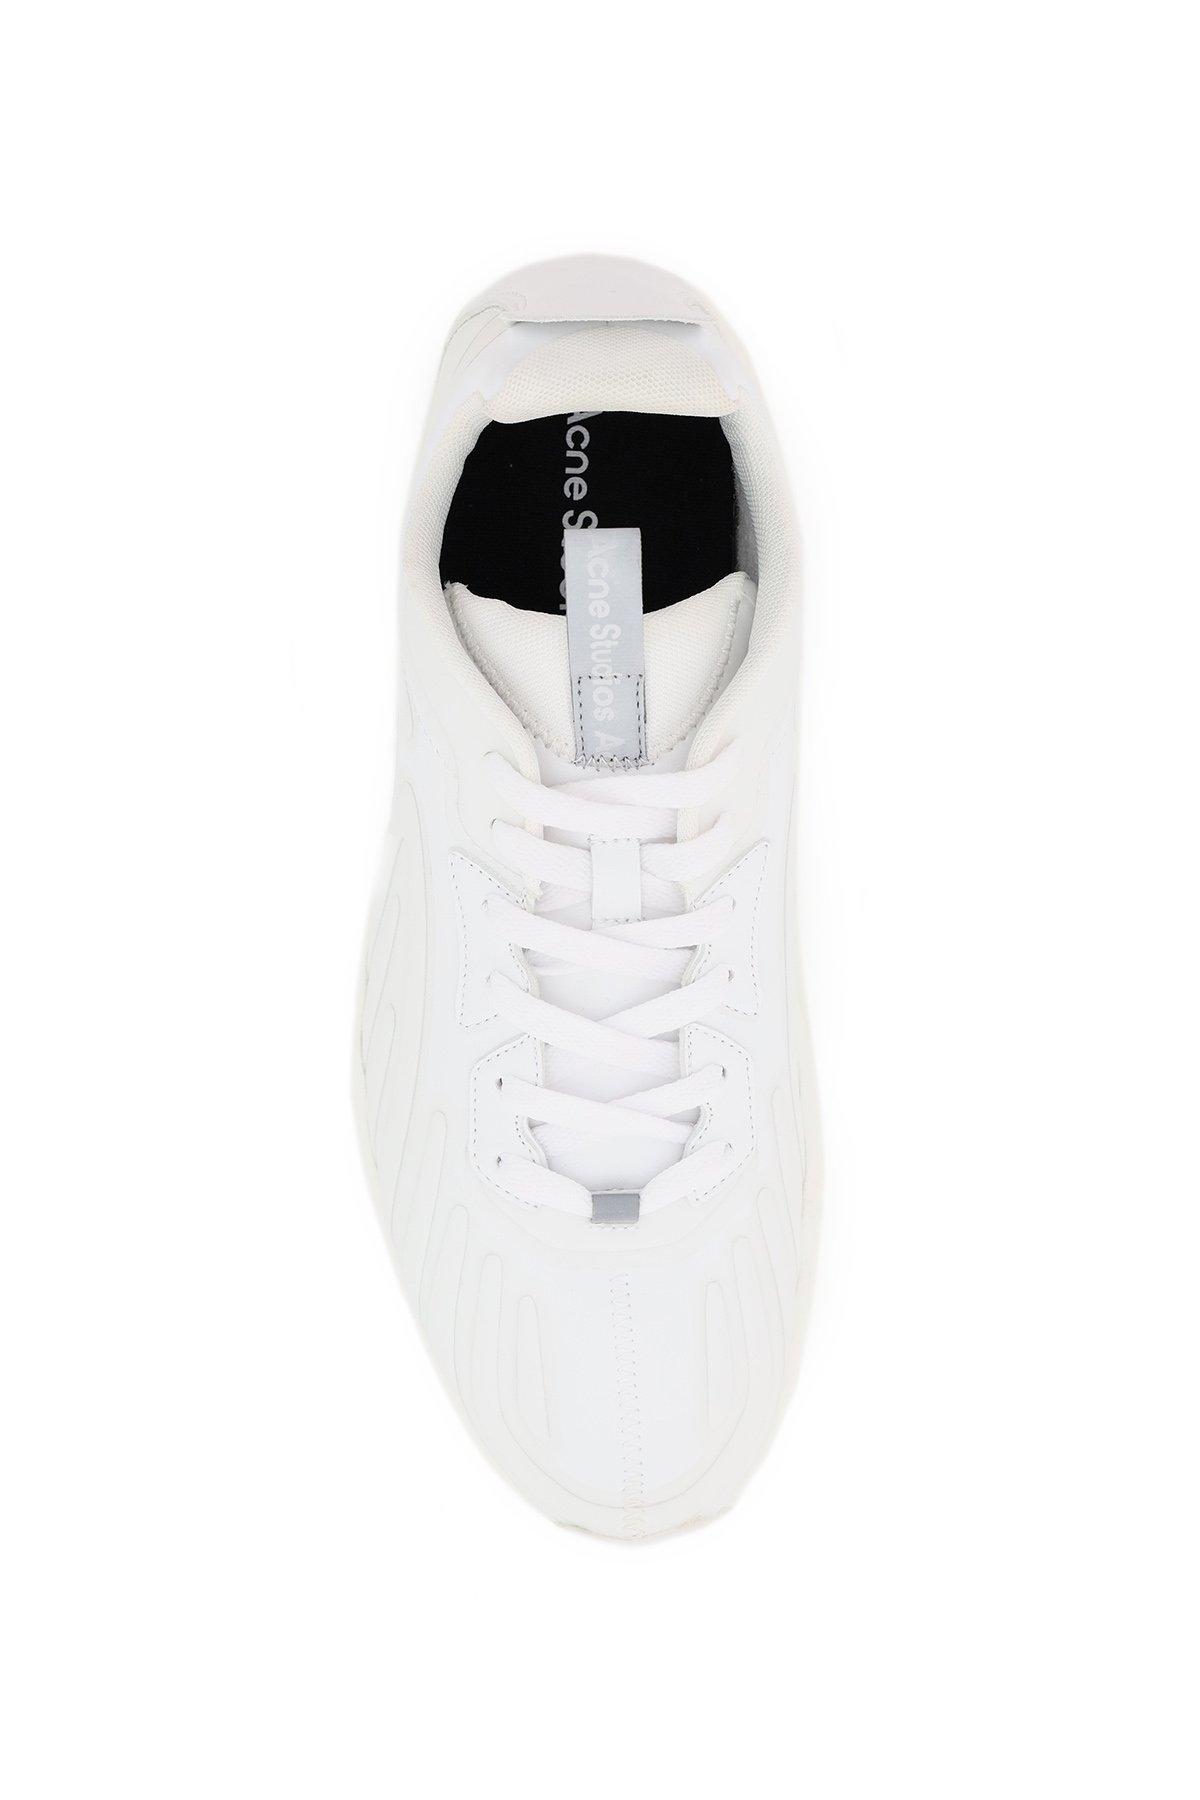 Acne studios sneakers trainer n3w